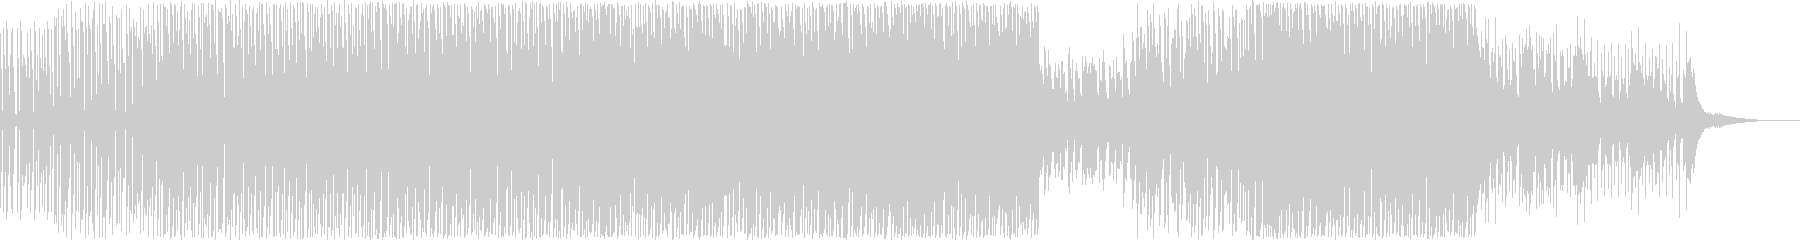 スタイリッシュなテクノポップの未再生の波形